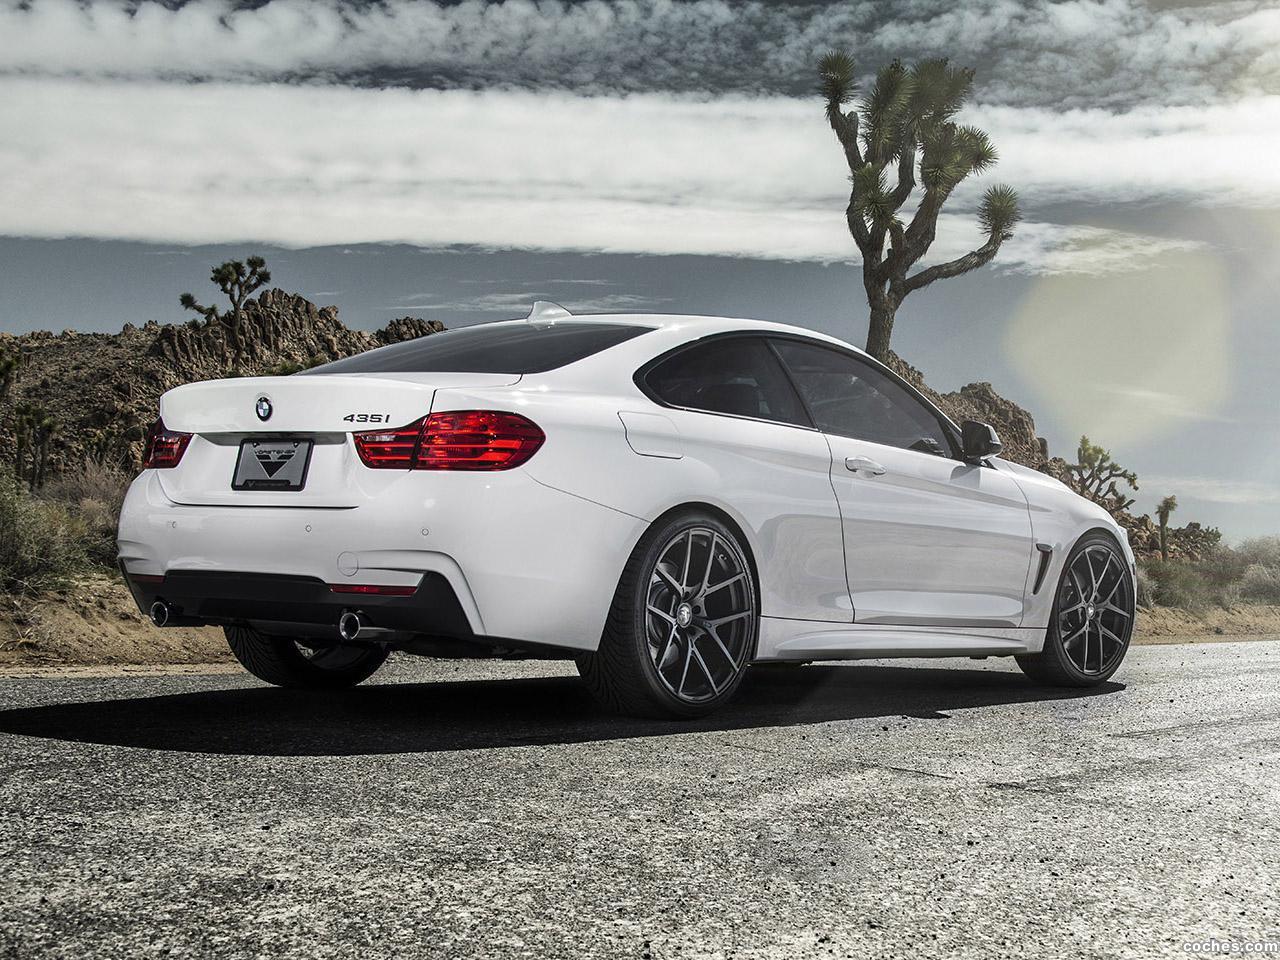 Foto 3 de Vorsteiner BMW Serie 4 435i Alpine White F32  2014